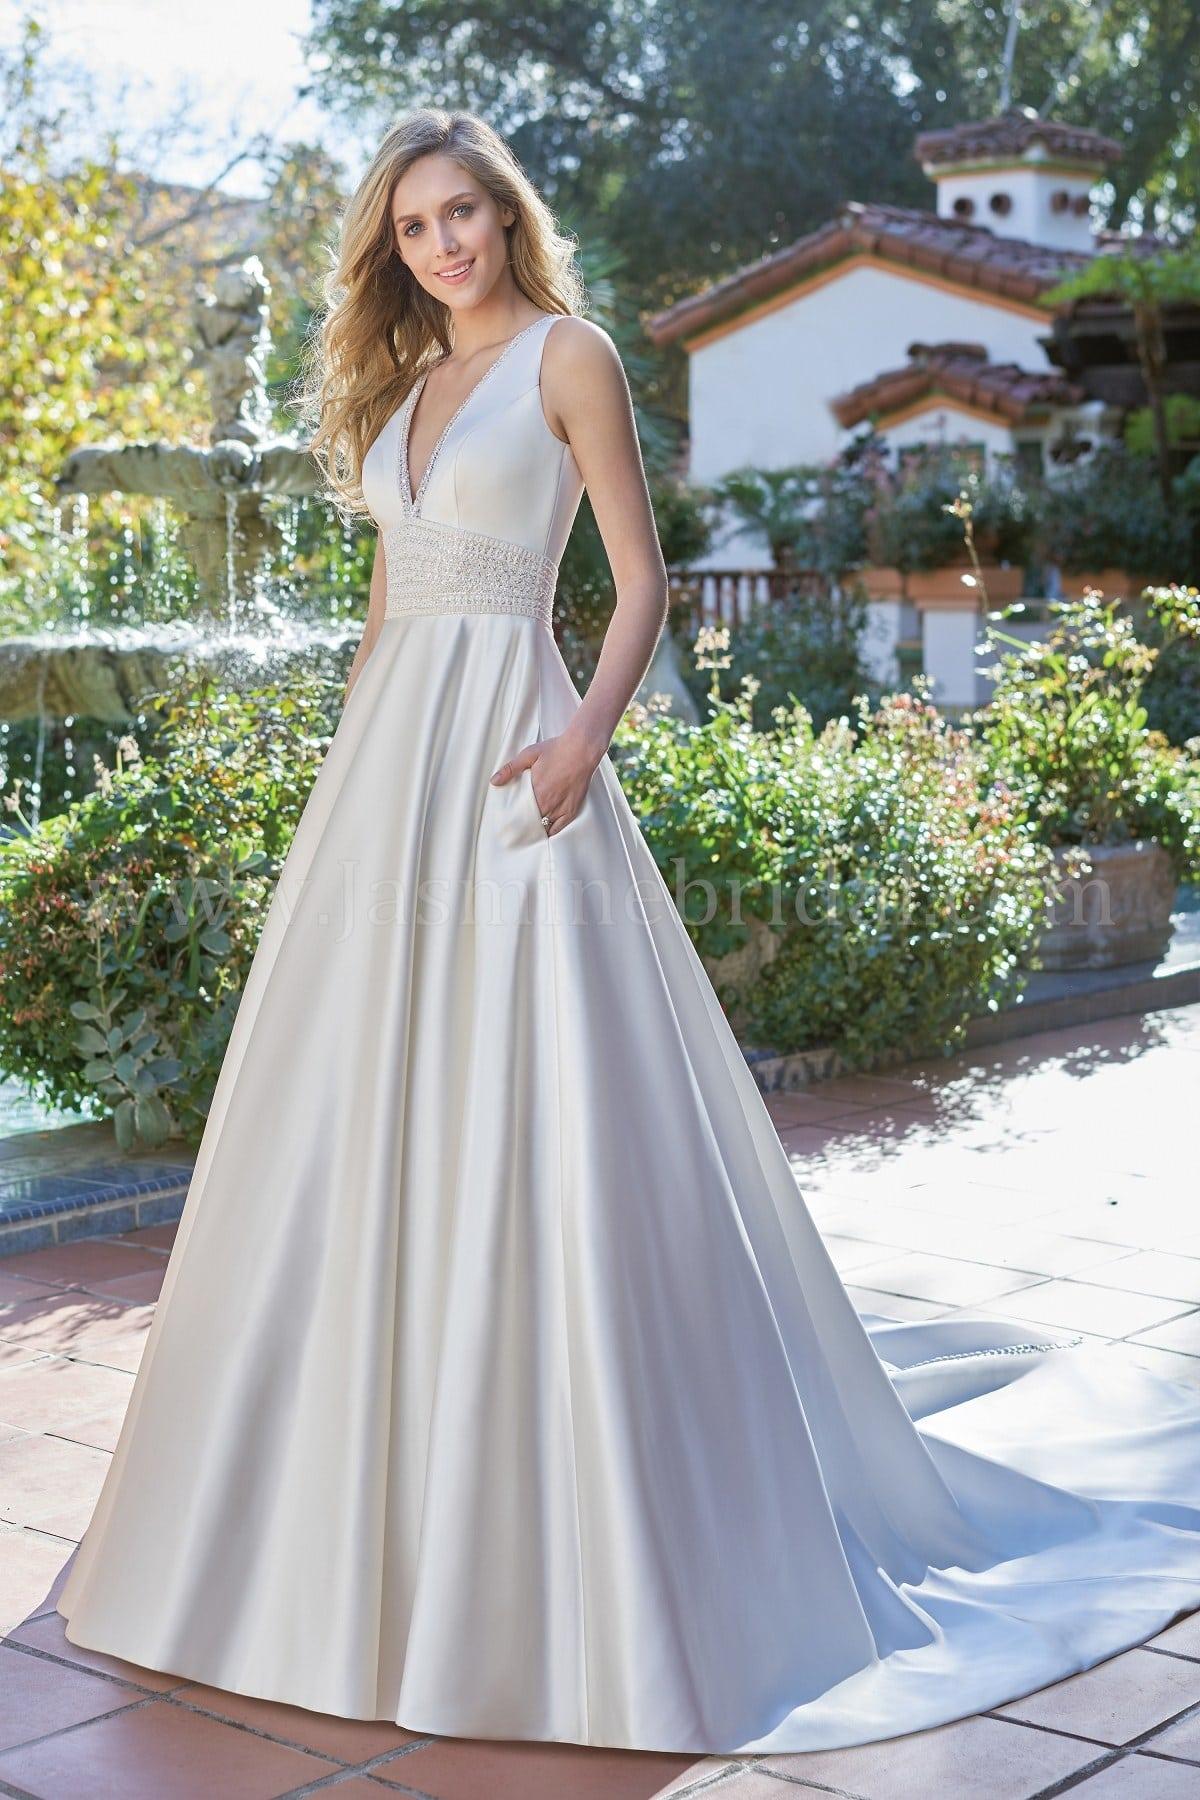 bridal-dresses-F201054-F